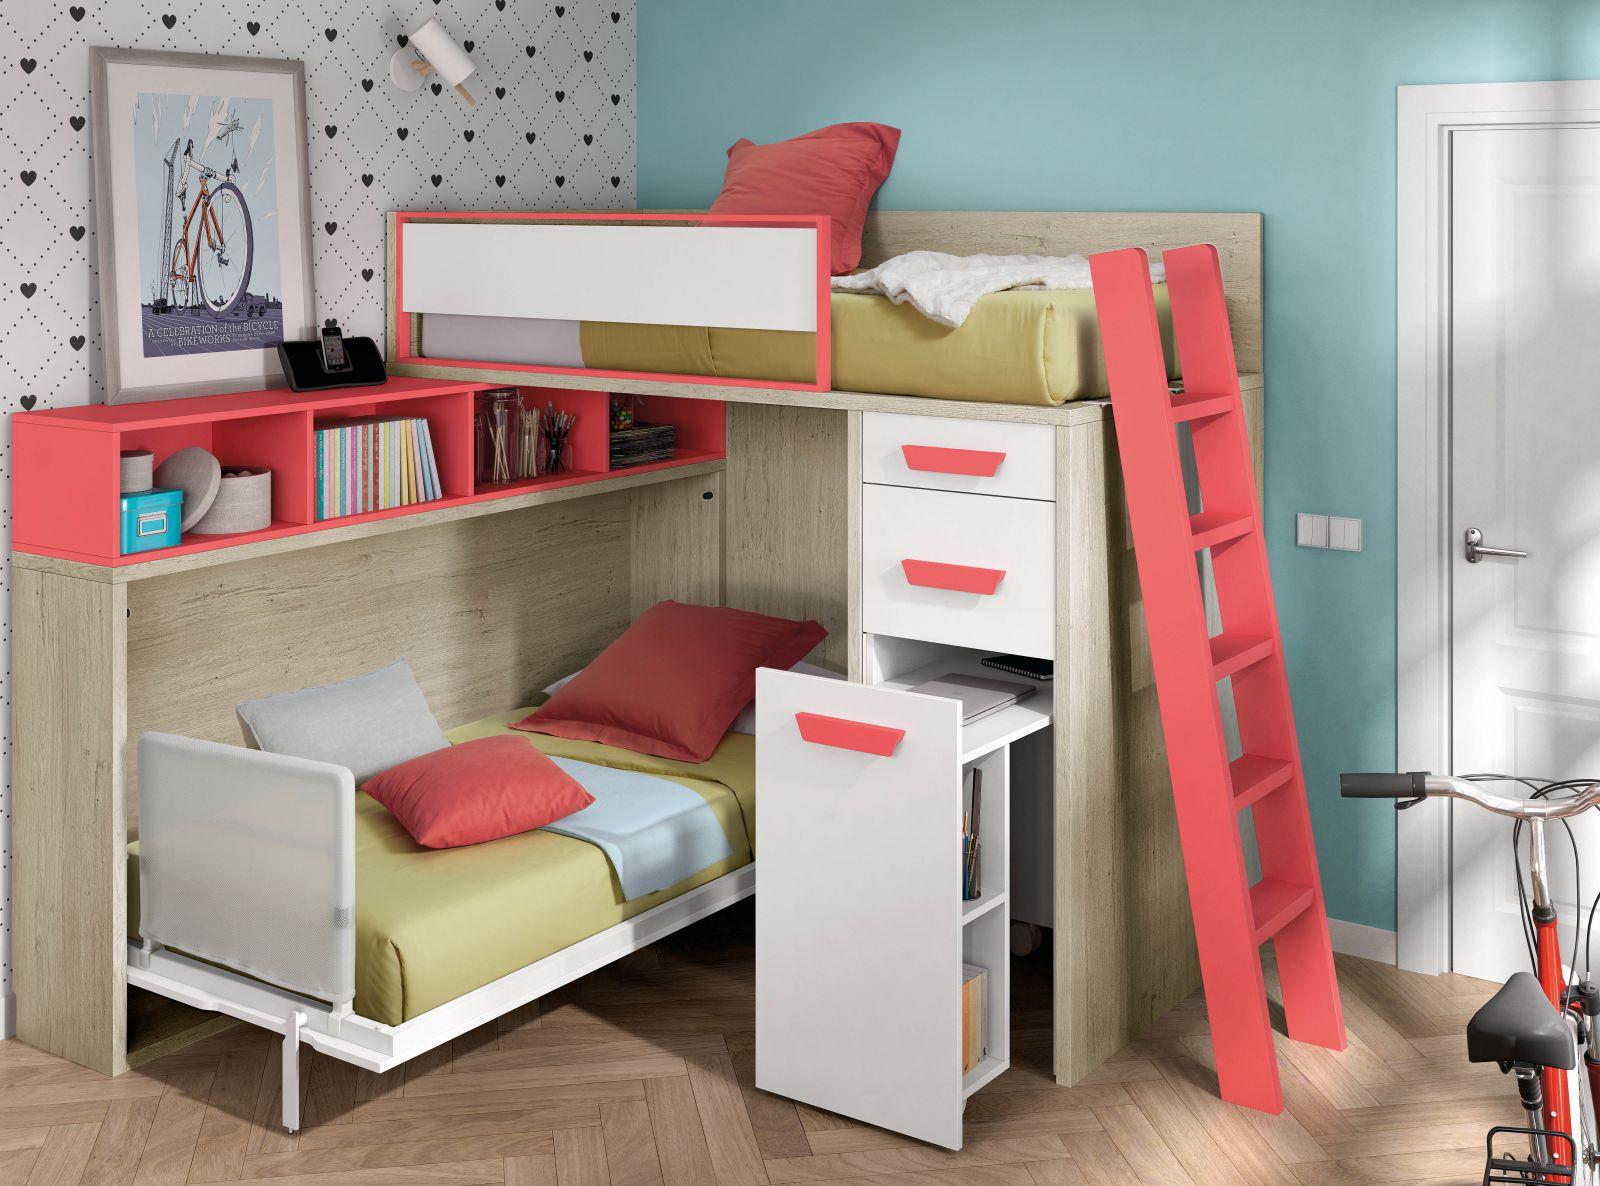 Cama abatible r105 - Fabricante camas abatibles ...